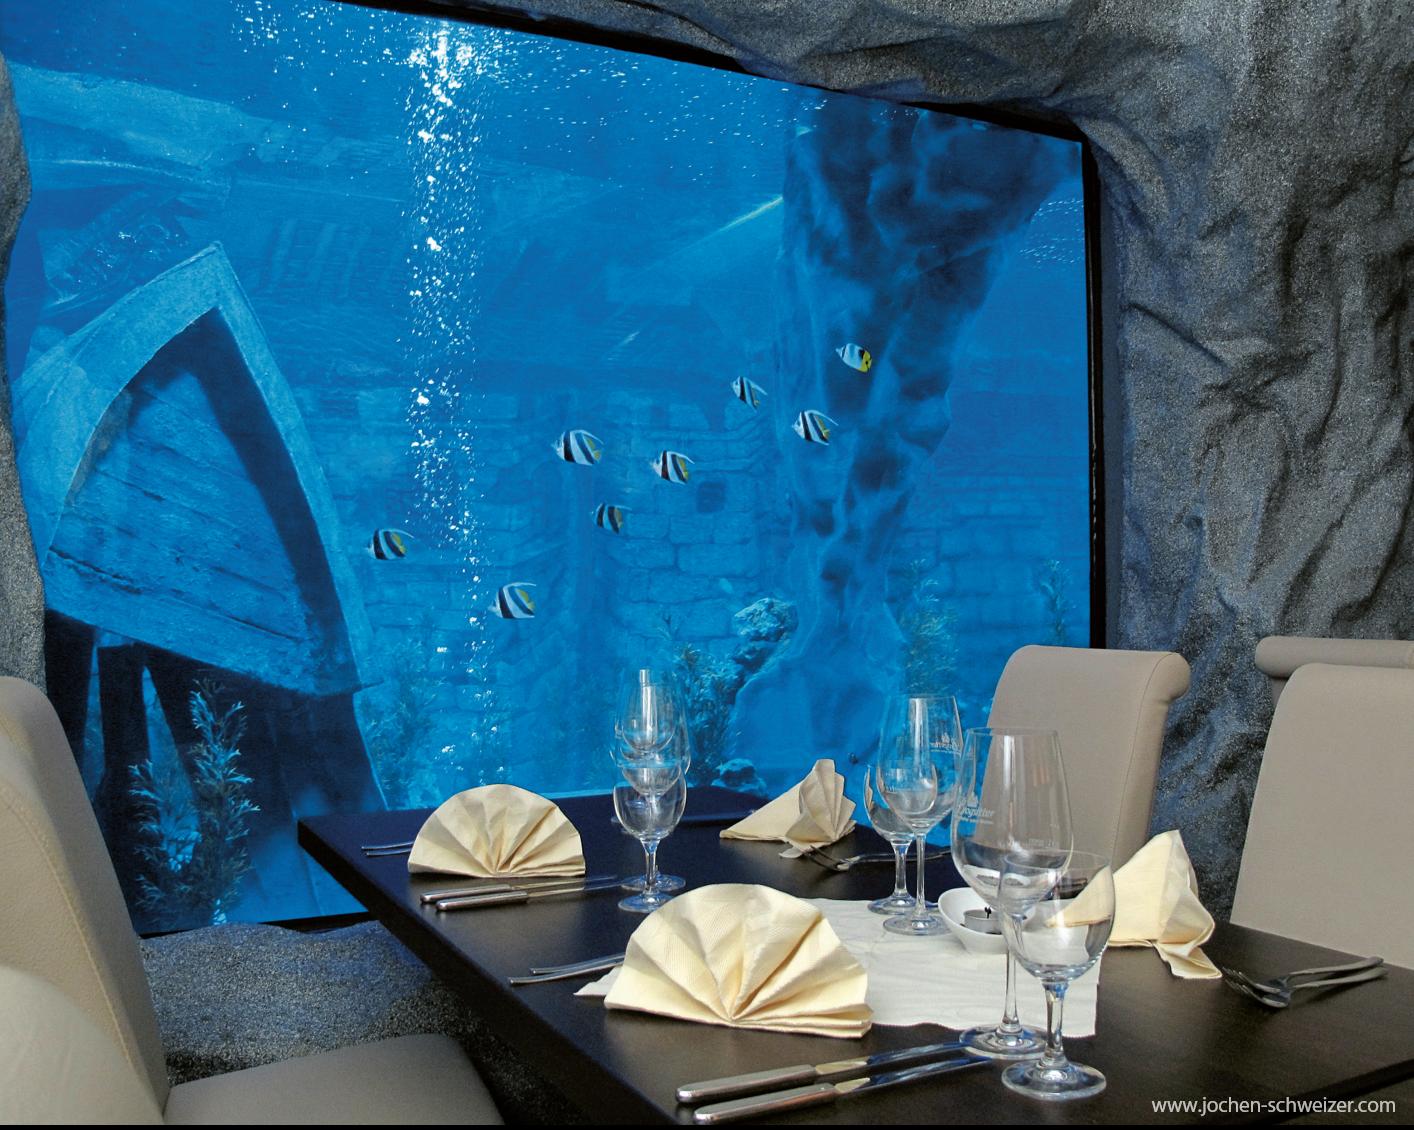 taucht ein in eine romantische unterwasserwelt und lasst